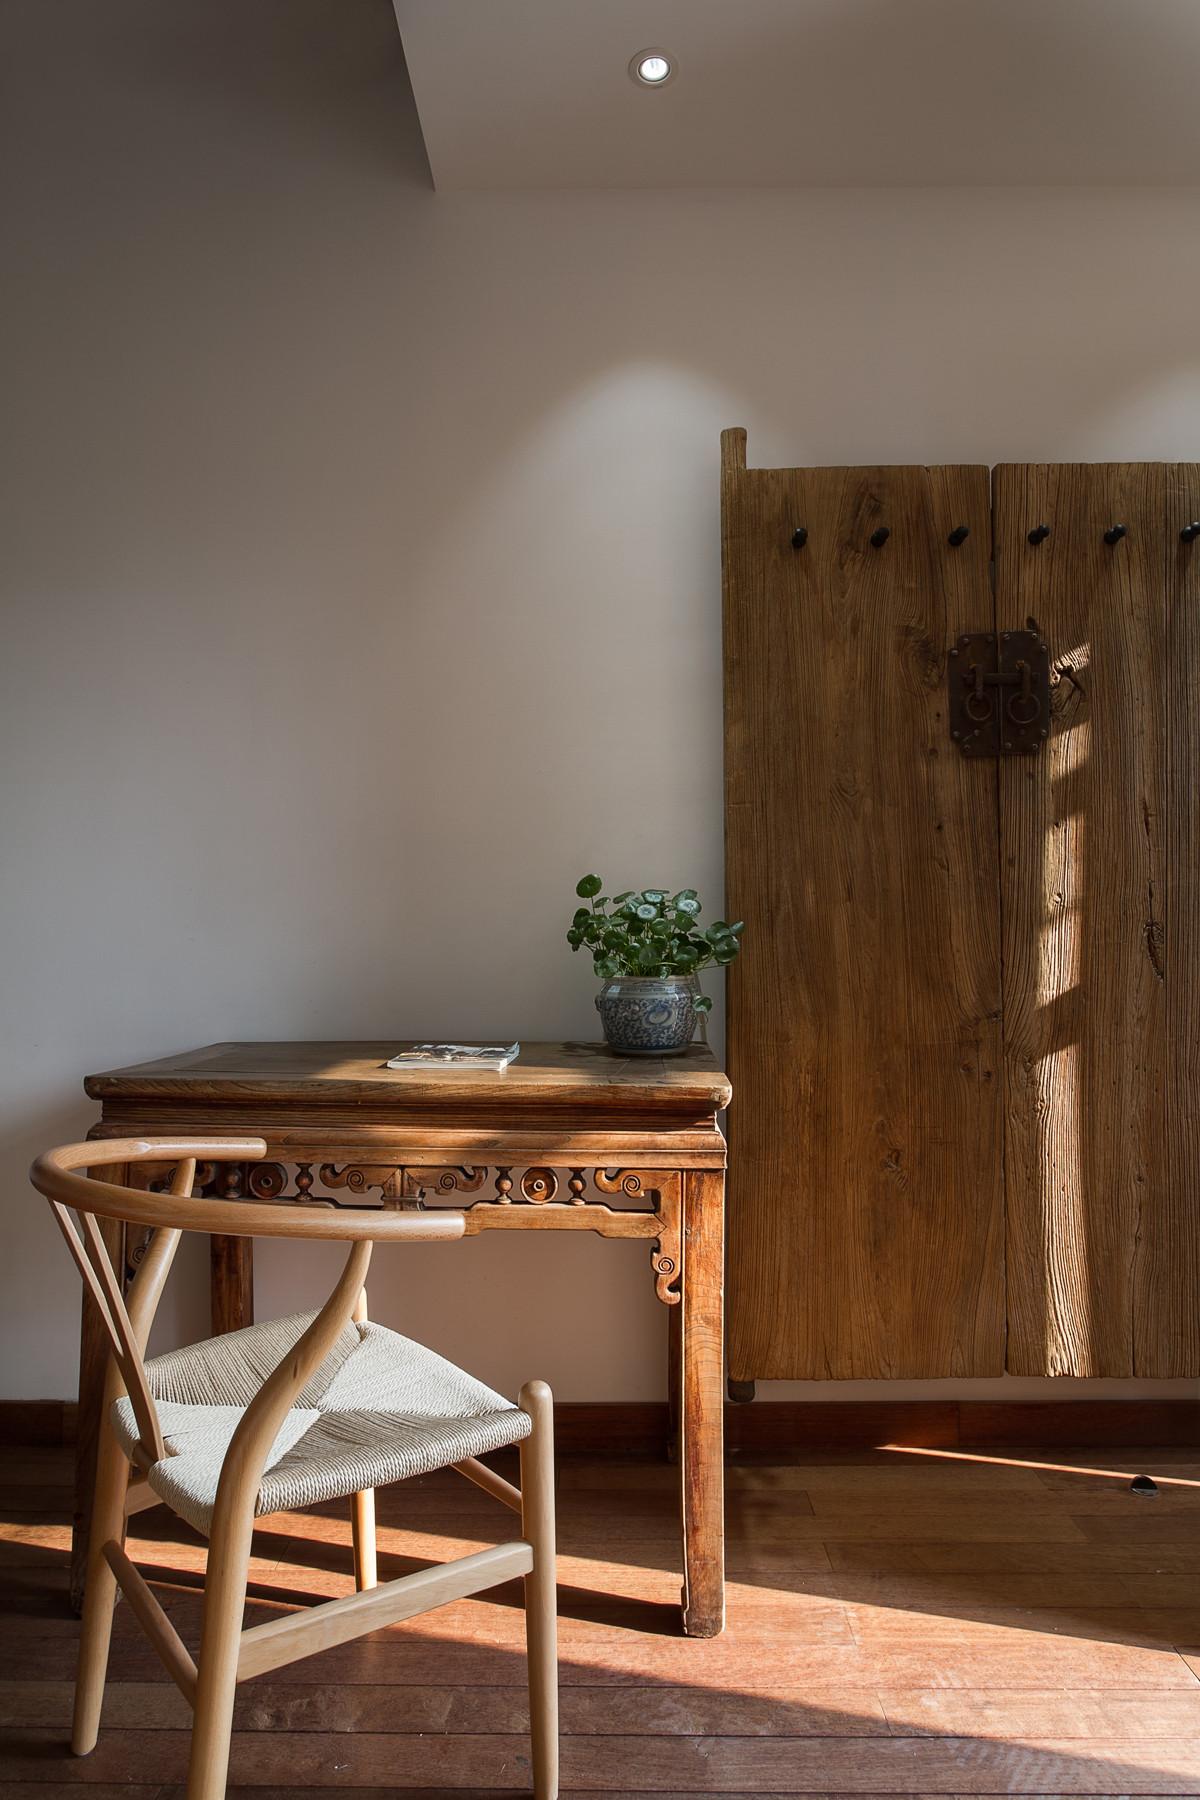 复古民宿装修木门桌椅图片